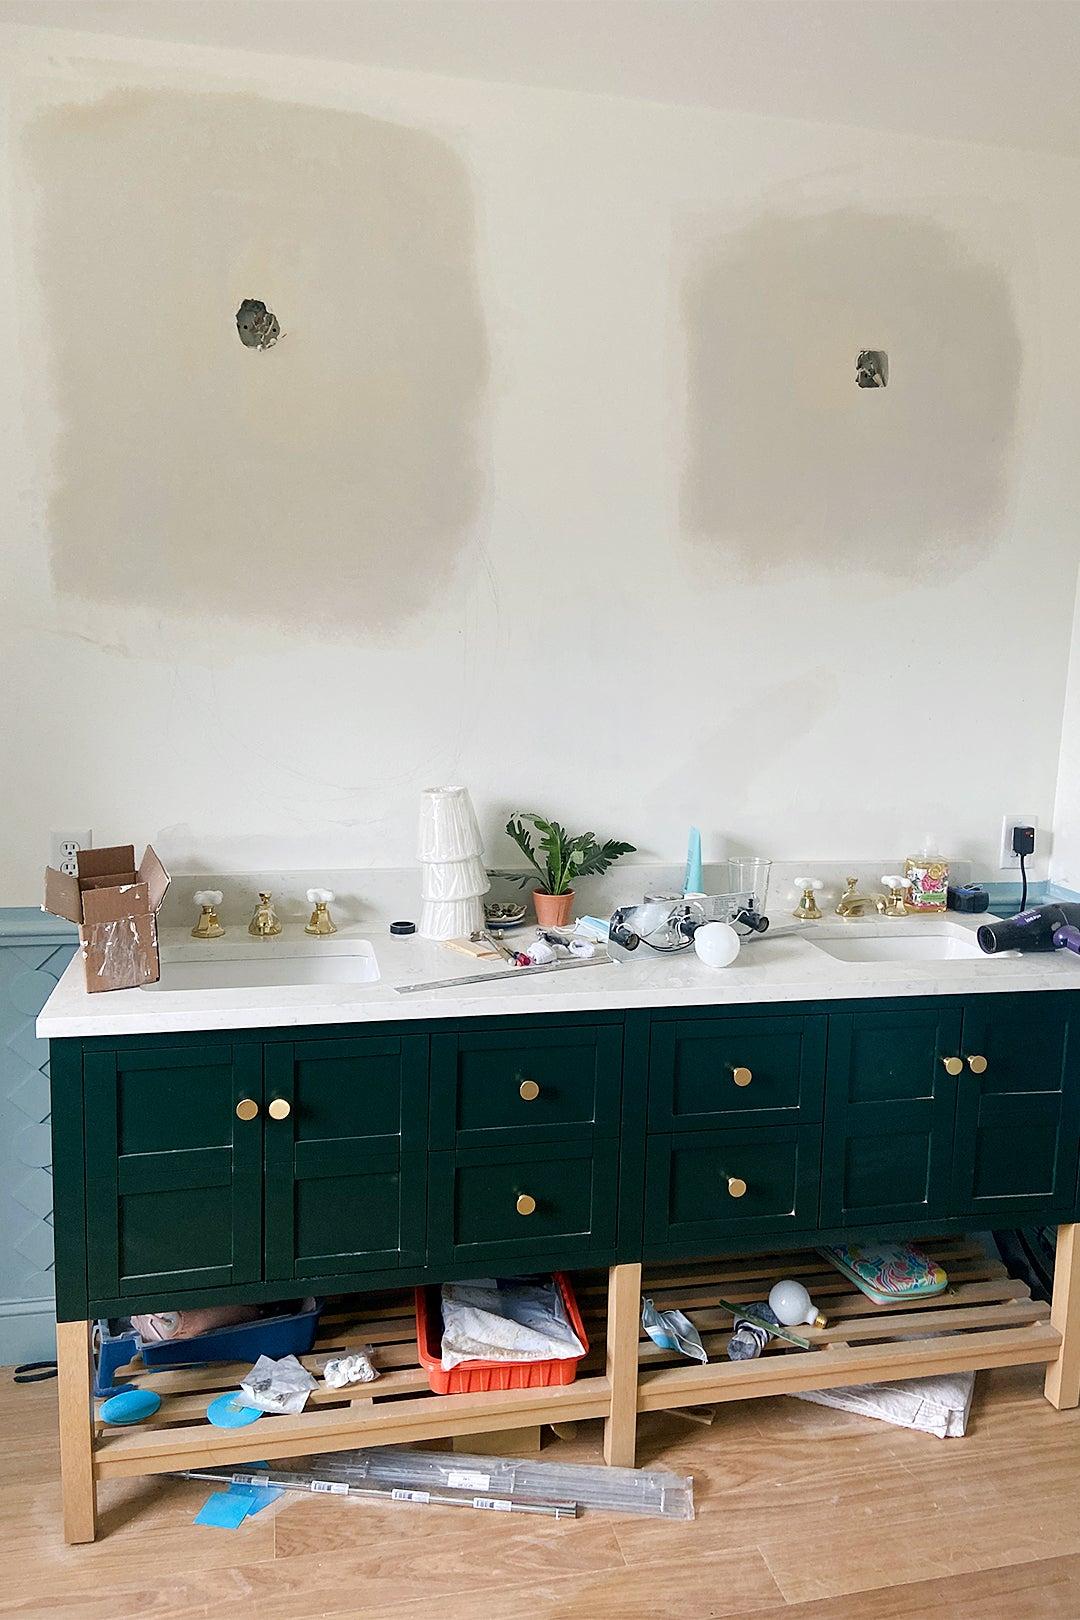 bethroom vanity before